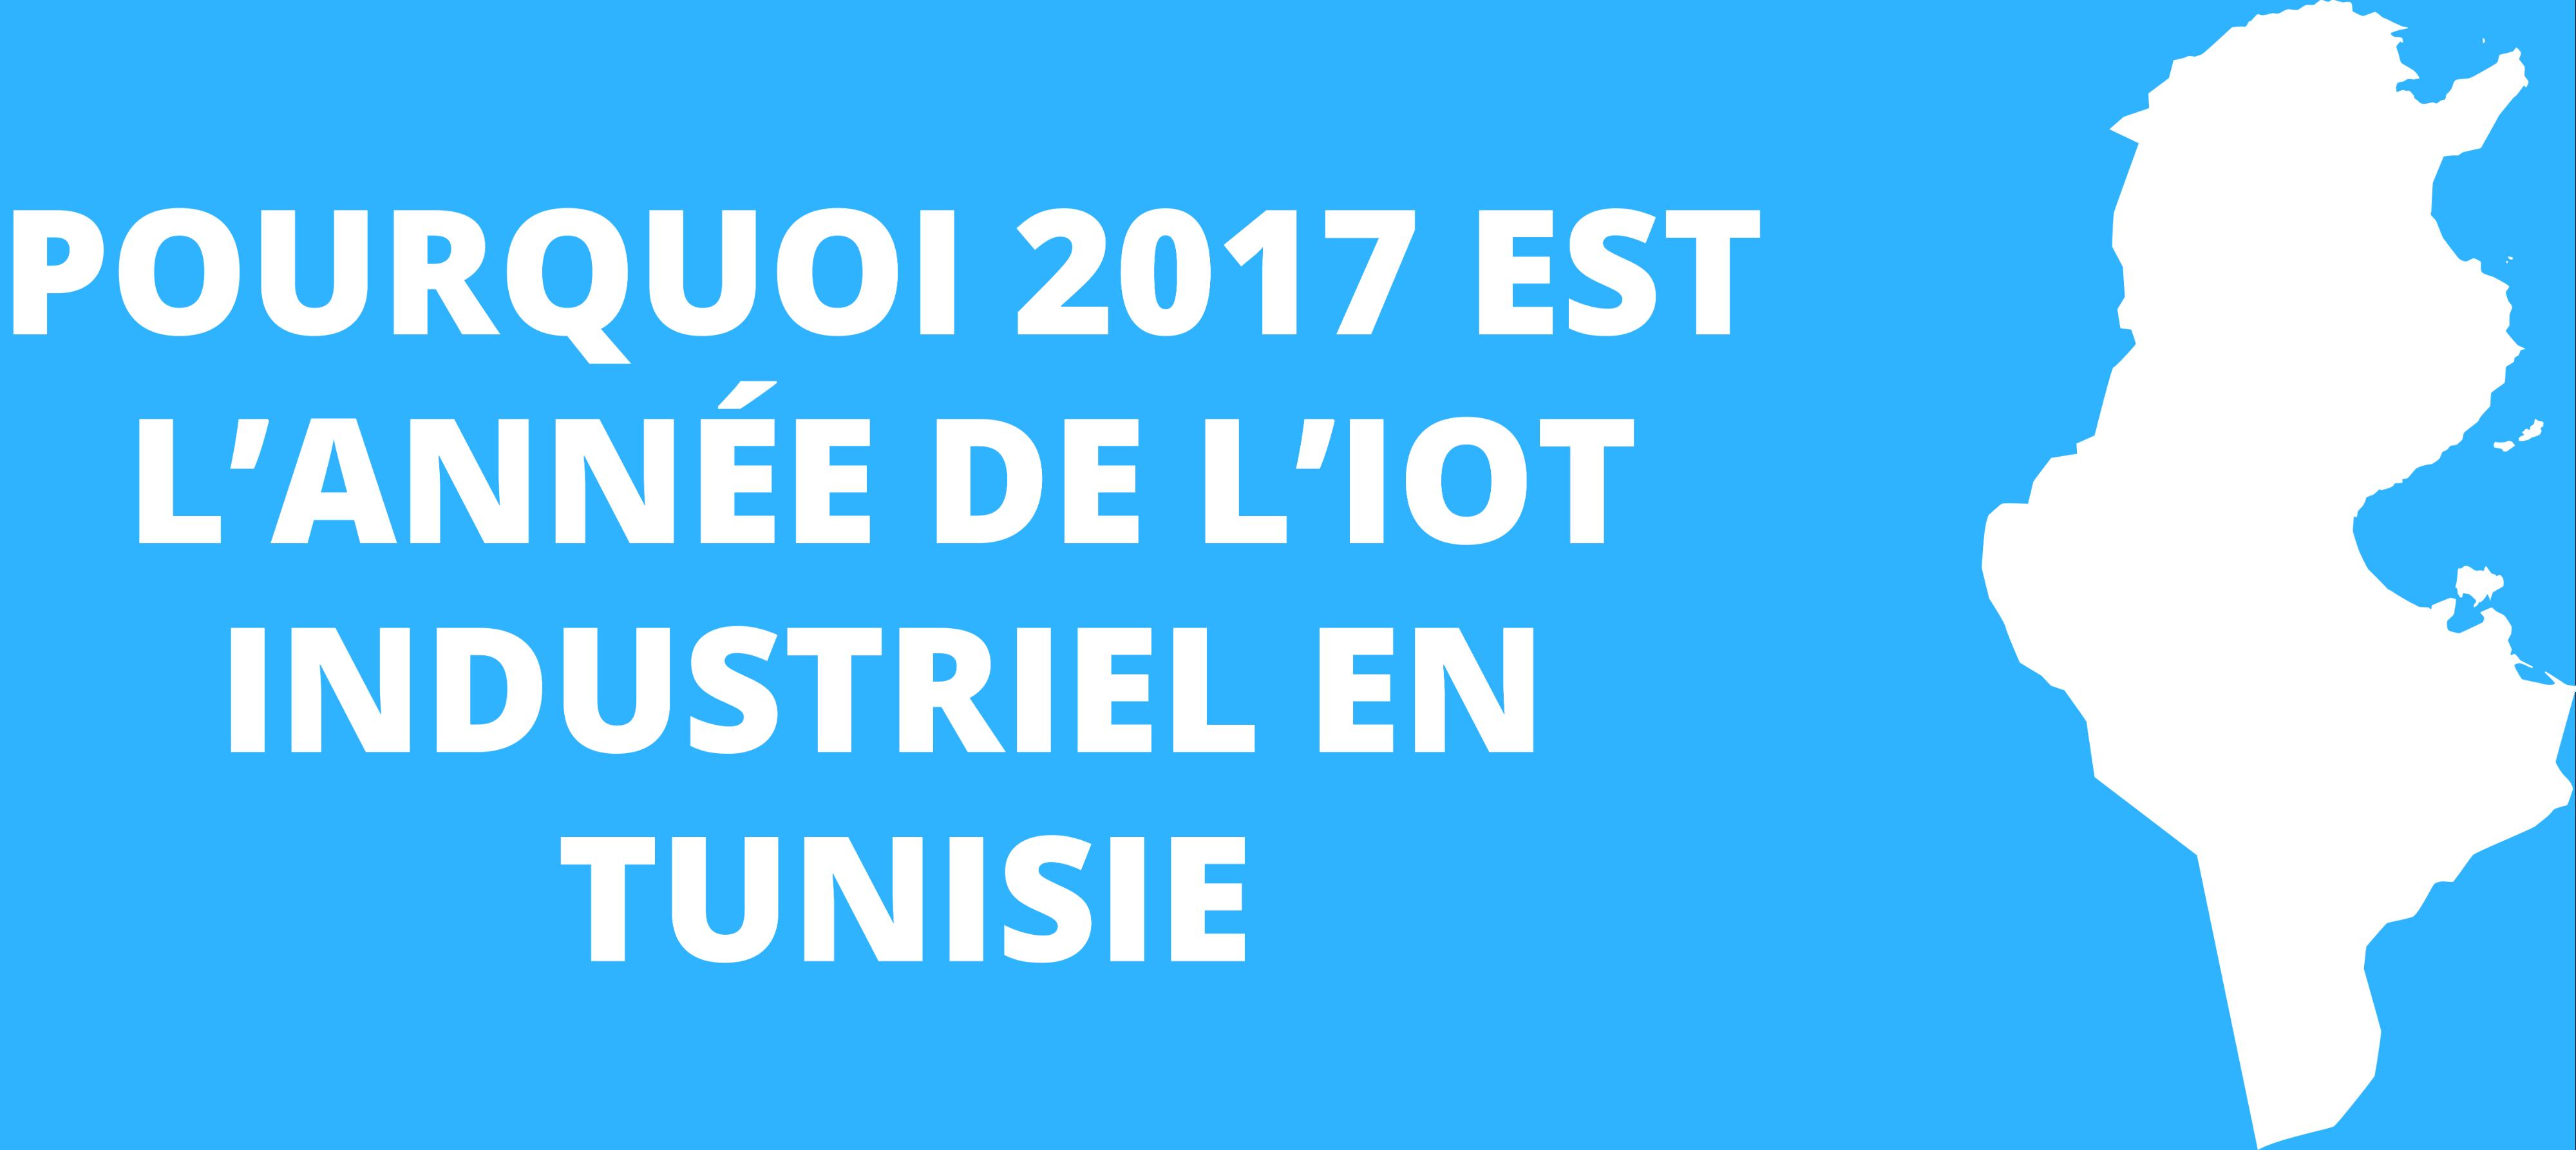 Infographie: Pourquoi 2017 est l'année de l'IoT Industriel en Tunisie